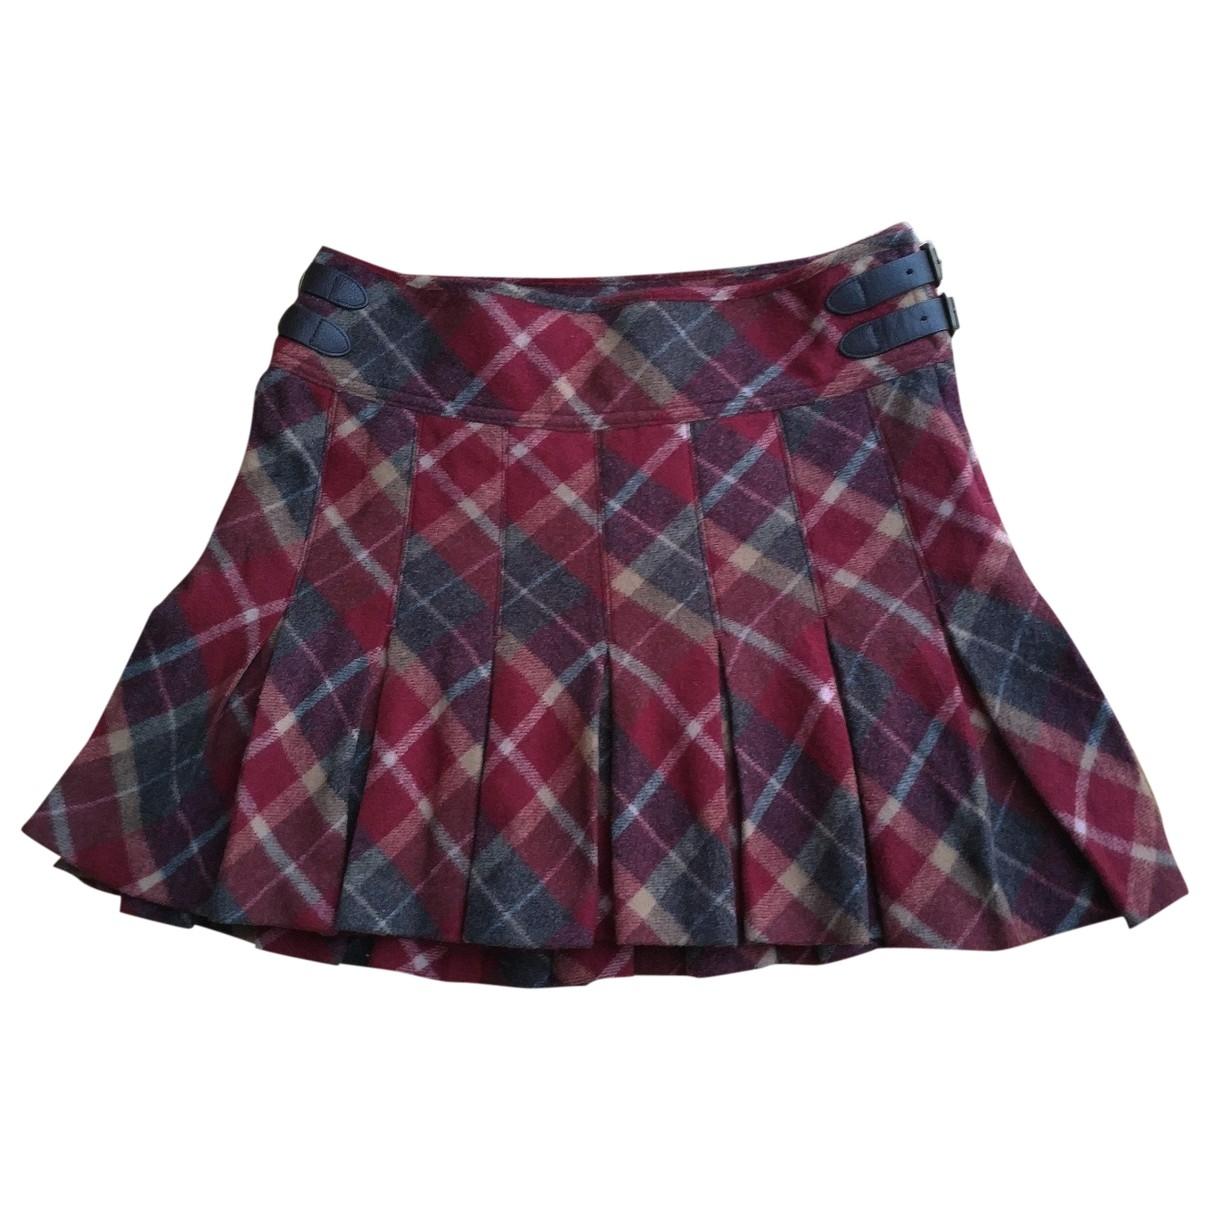 Polo Ralph Lauren \N Burgundy Wool skirt for Women 2 0-5